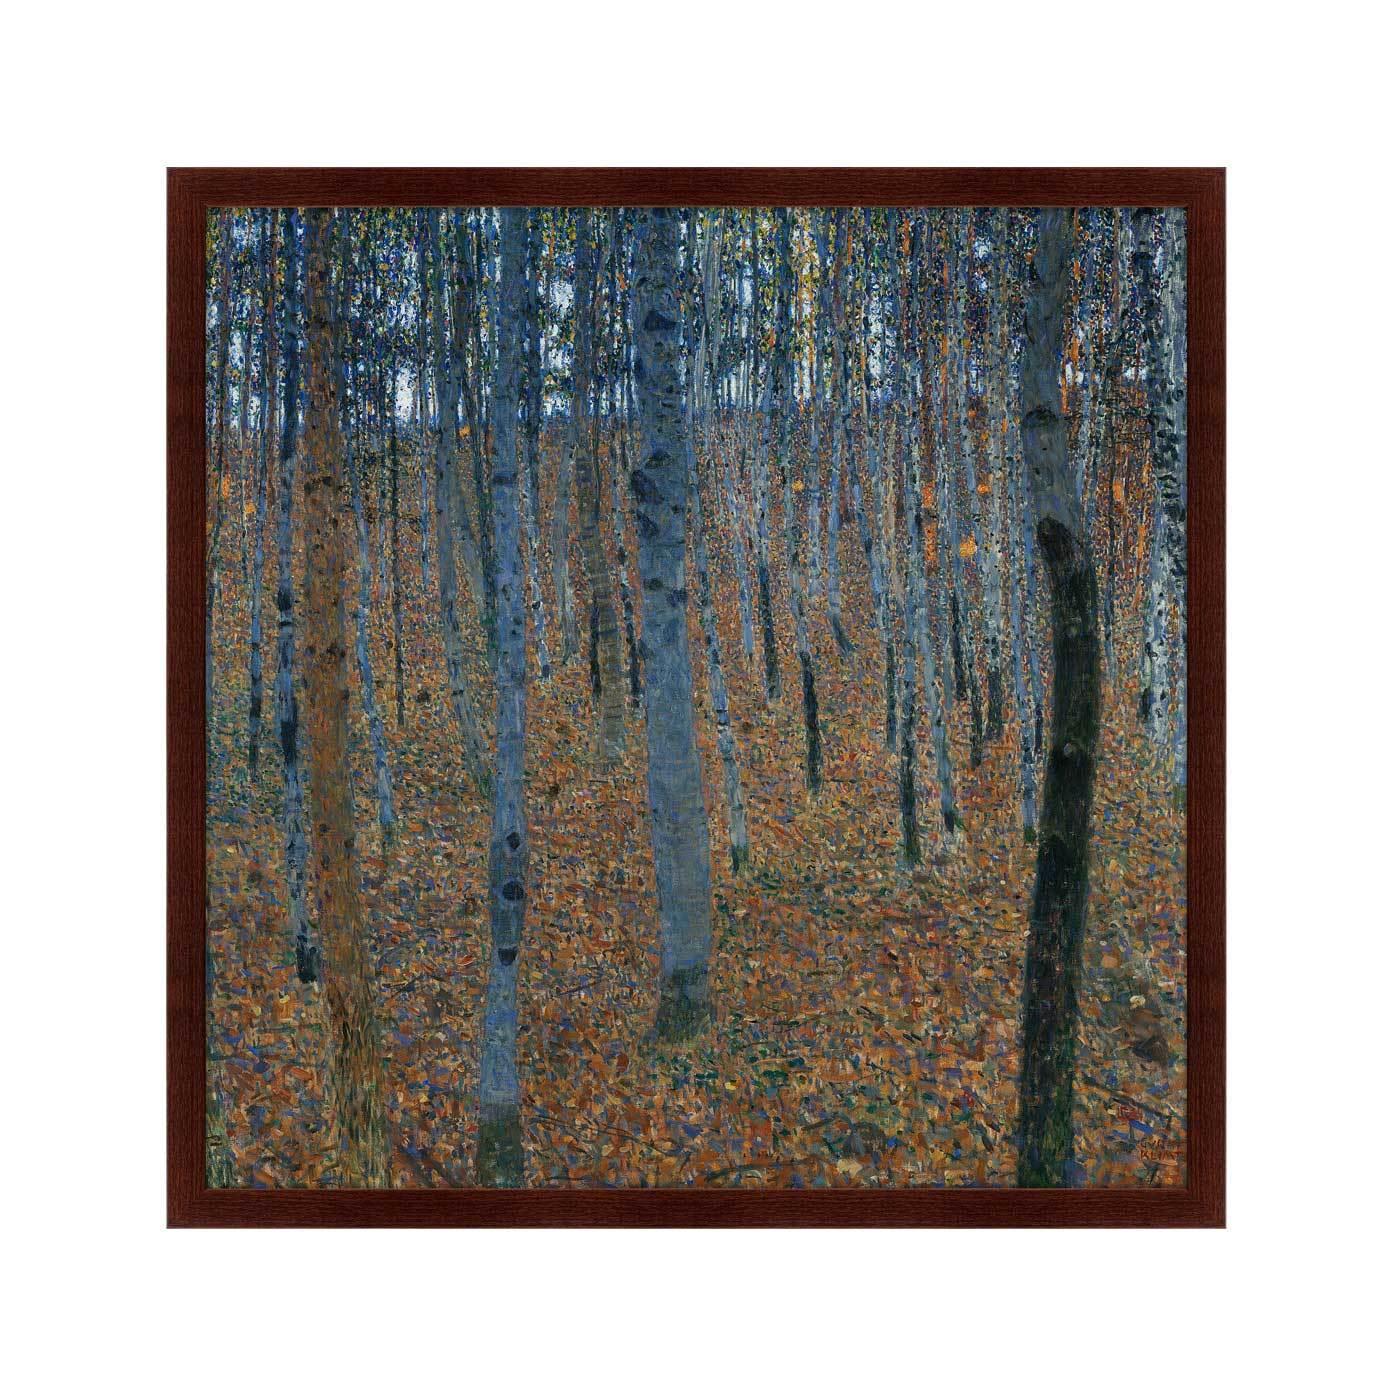 {} Картины в Квартиру Картина Beech Grove (79х79 см) картины в квартиру картина серобрюхий трагопан 42х52 см